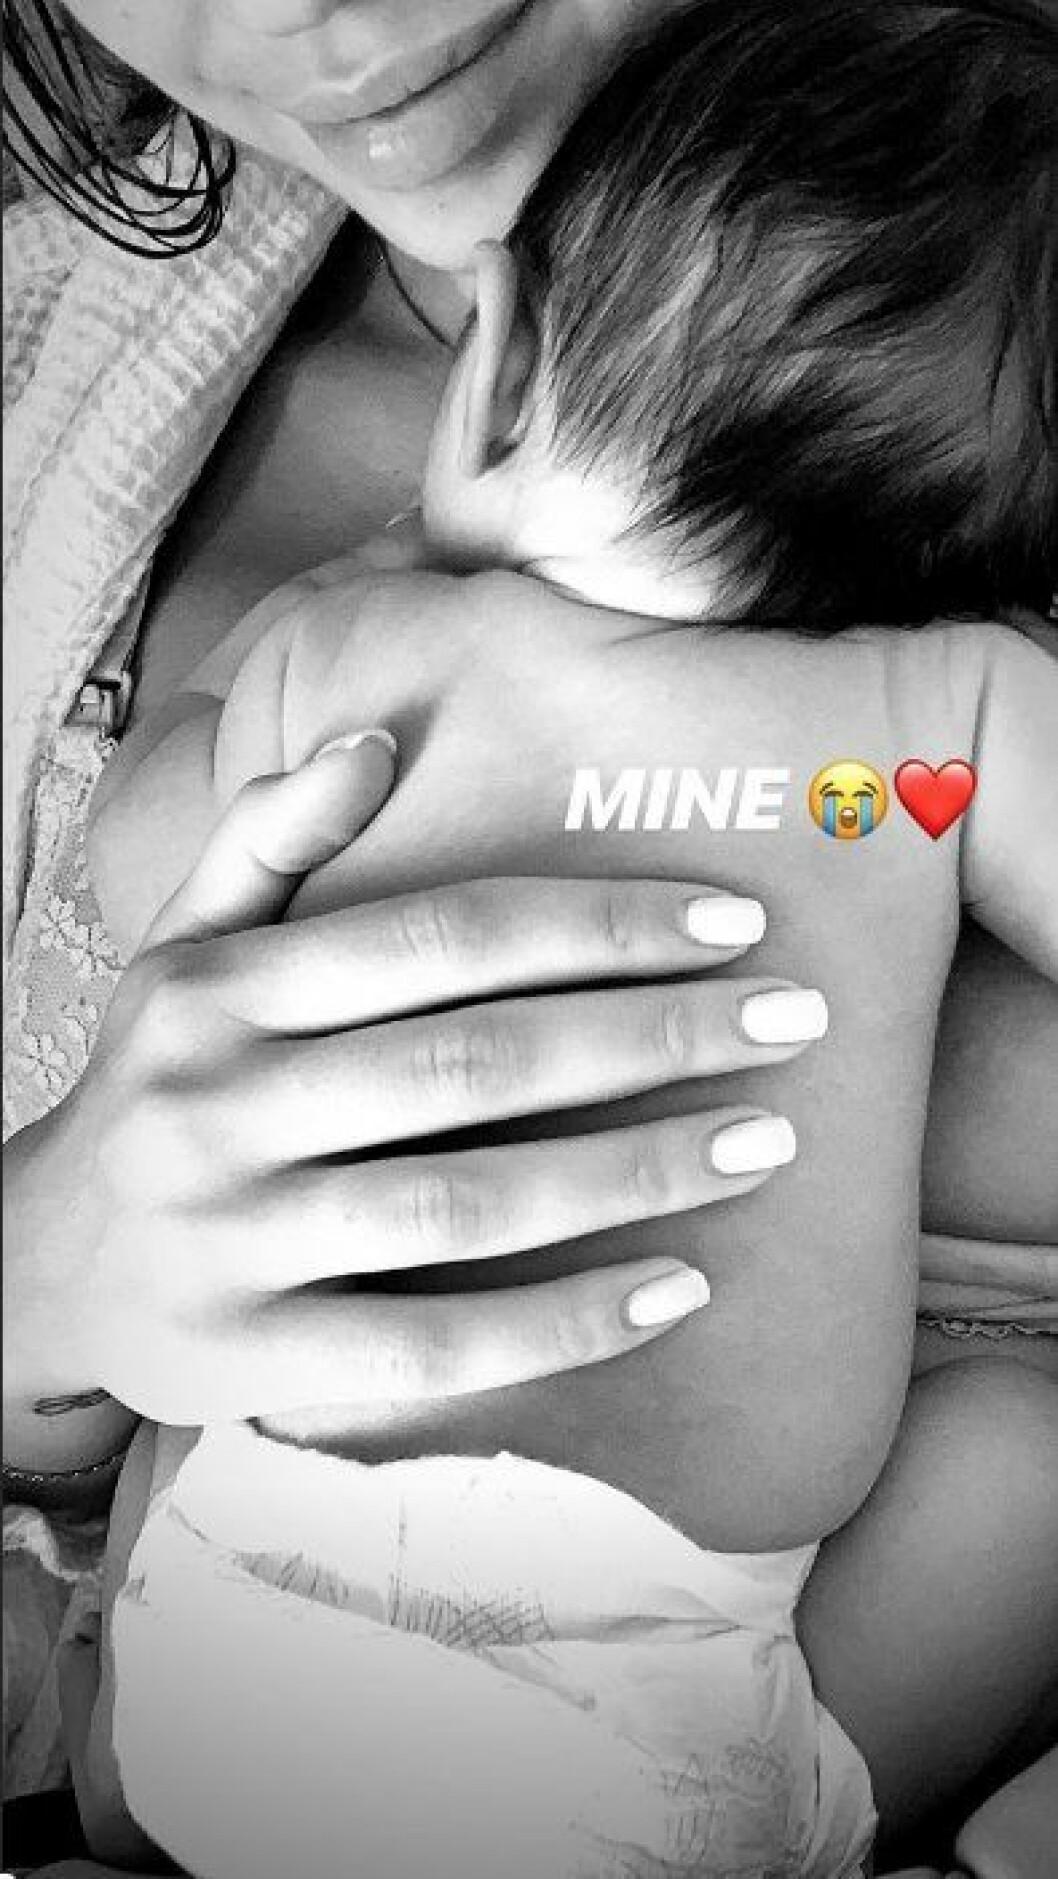 En bild på Instagram som Kenza publicerat av sin nyfödde son.